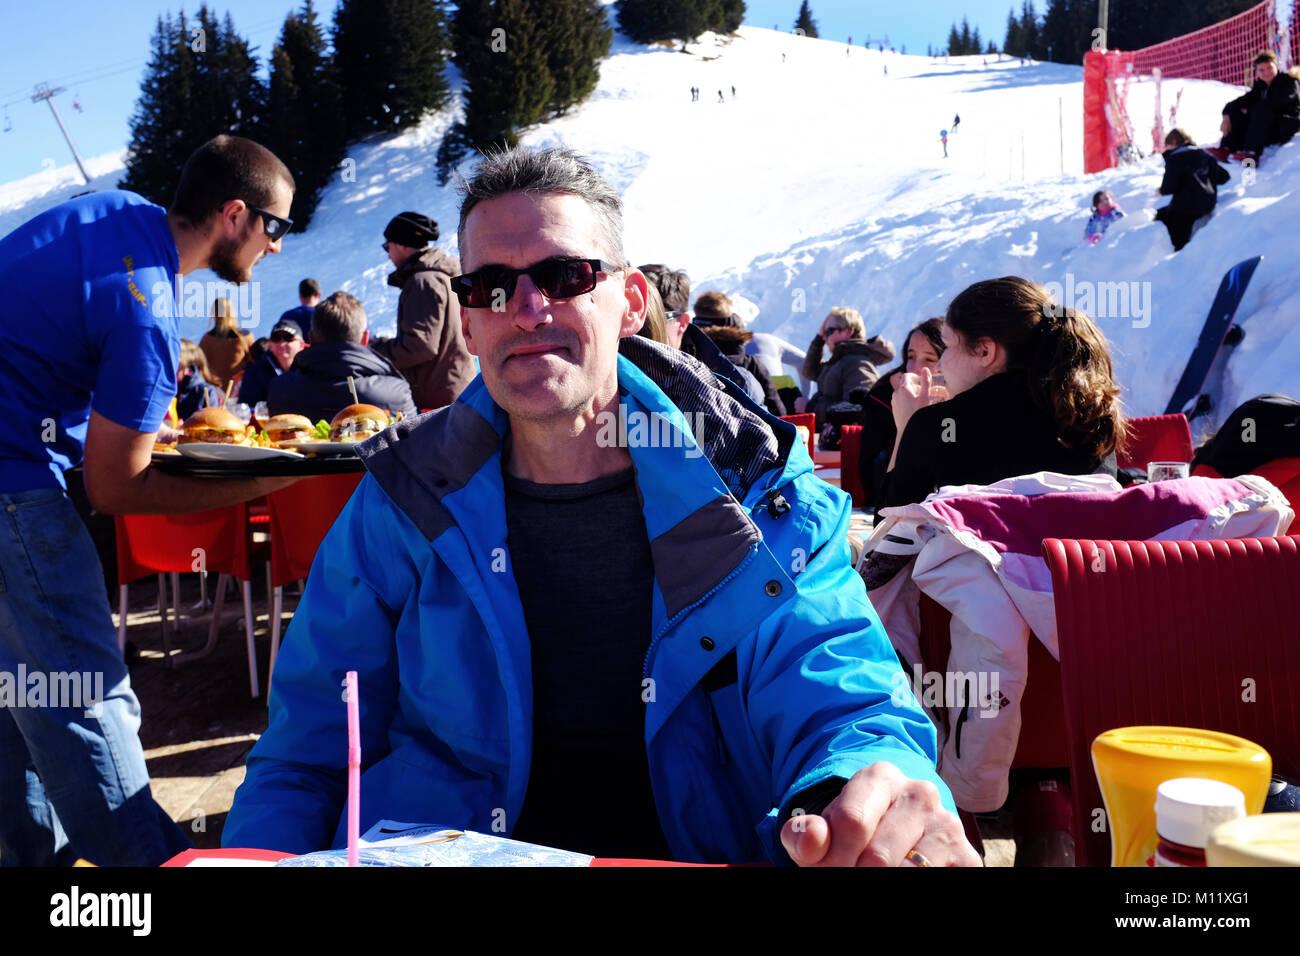 Manger dans un restaurant en dehors de ski sur une journée ensoleillée, Samoens France Photo Stock